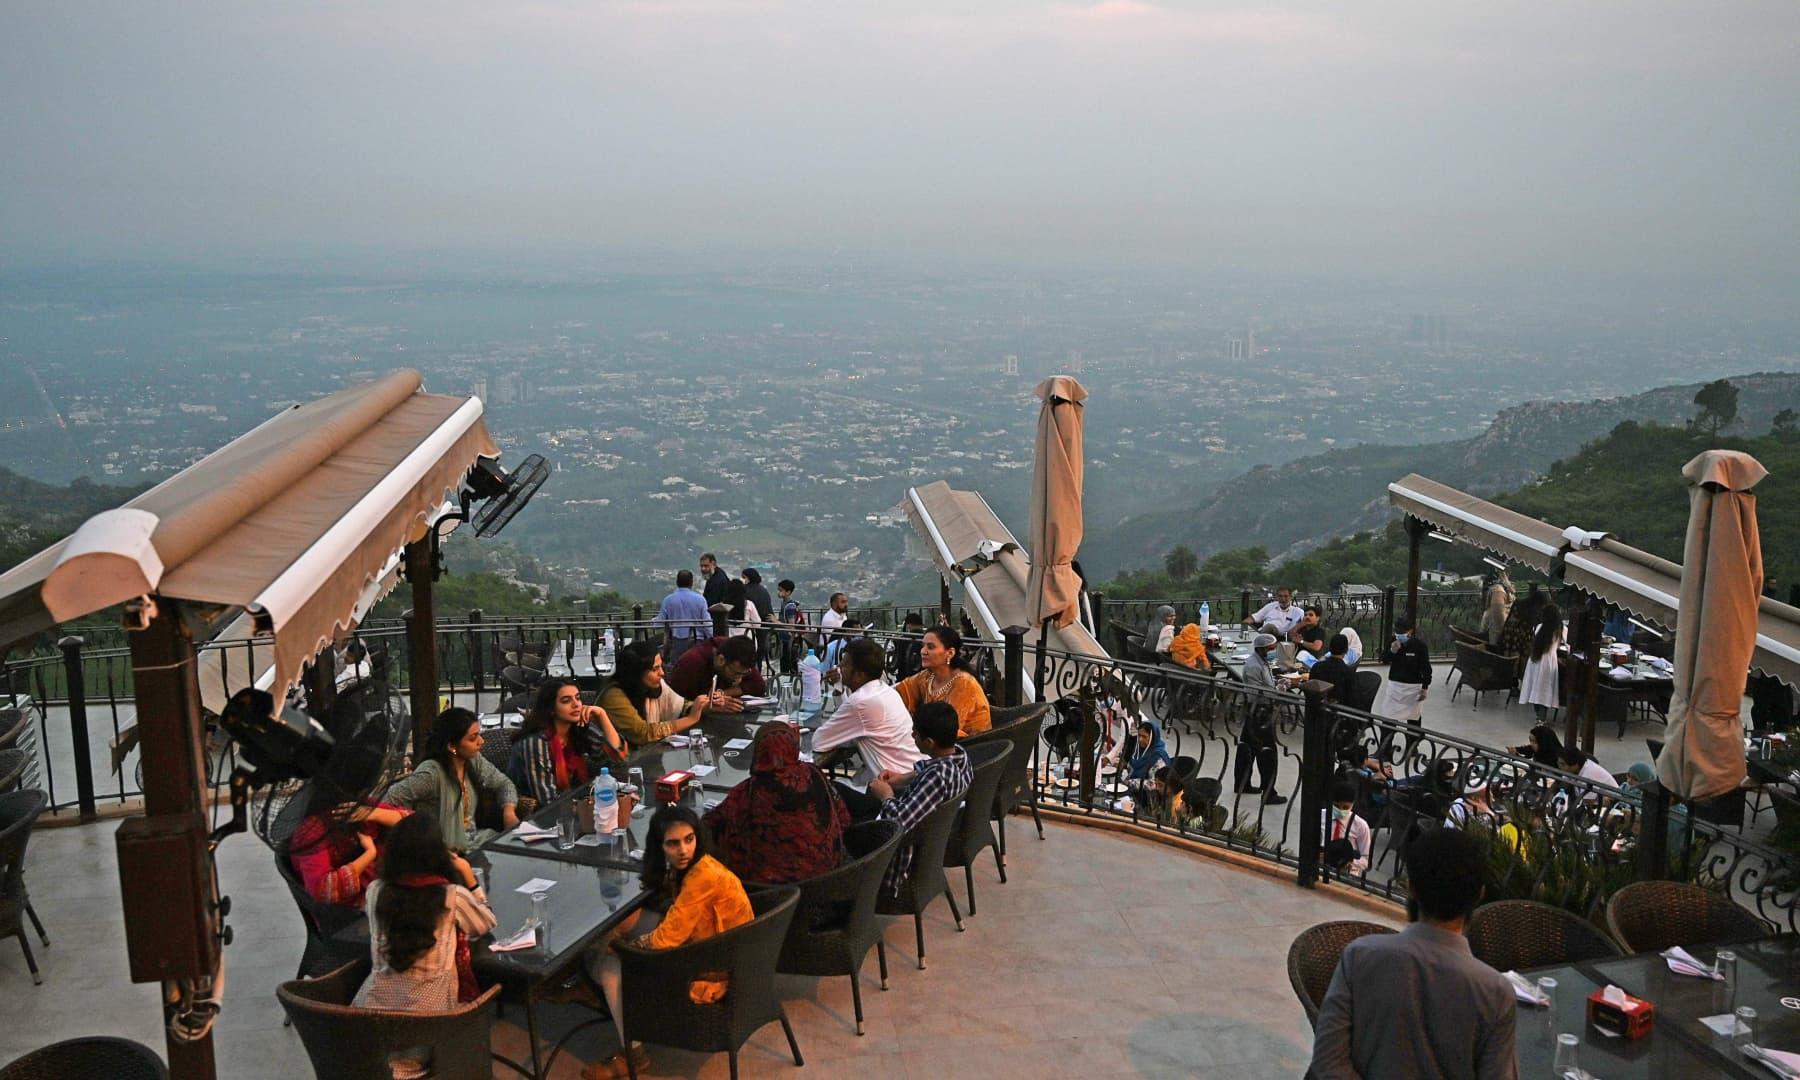 عوام اسلام آباد میں قائم رییسٹورانٹ میں کھانے کا انتظار کر رہے ہیں۔ فوٹو:اے ایف پی